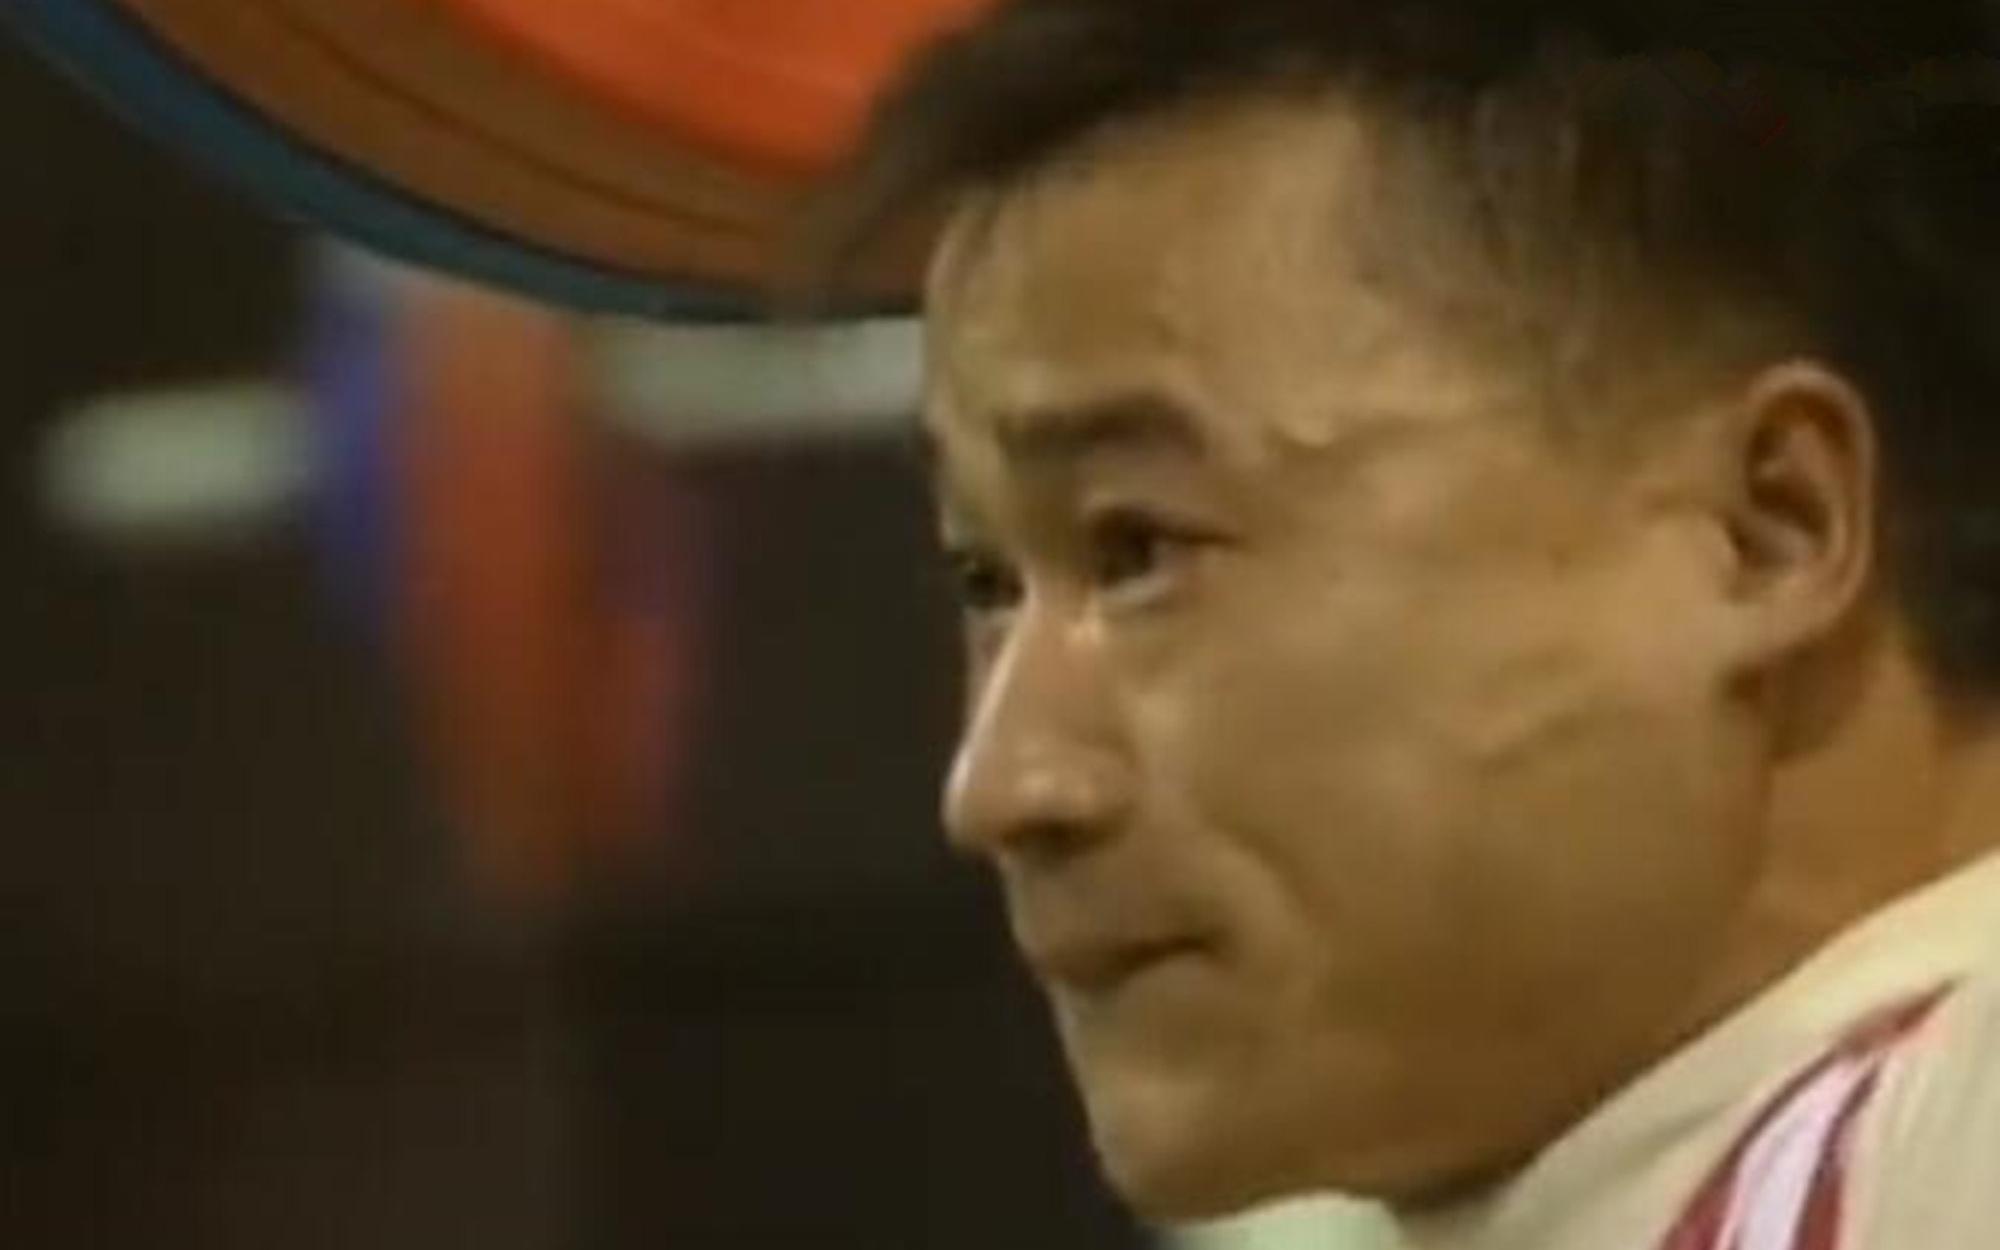 裁判忘了亮灯,中国举重选手苦苦坚持,教练急得冲上赛场